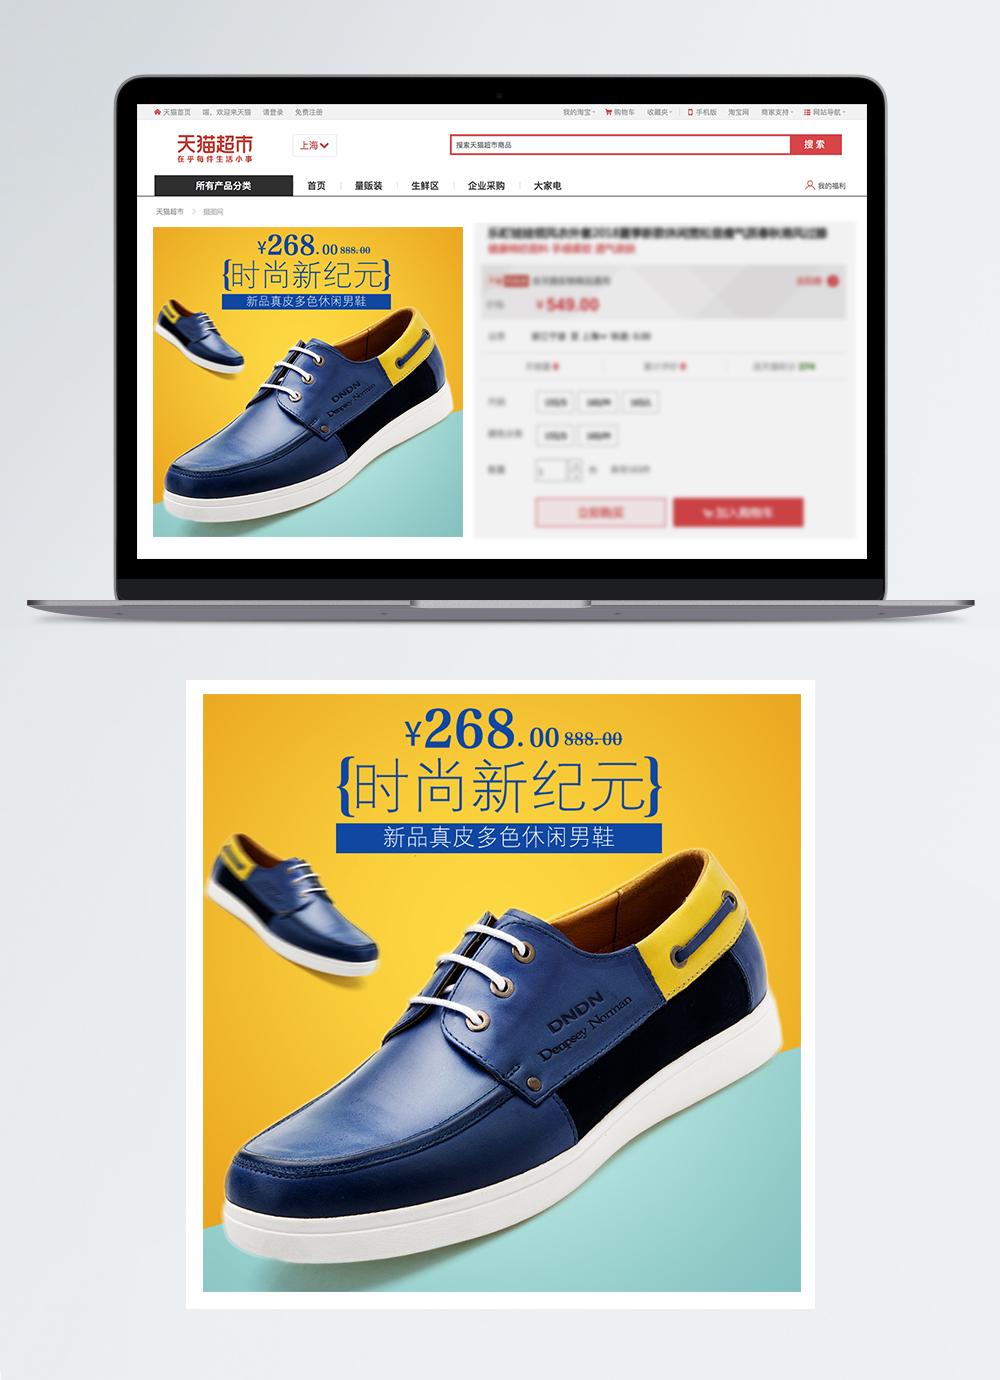 Da đa Màu Sắc Thường Nam Giày Taobao Chính Bản đồ Hình ảnh